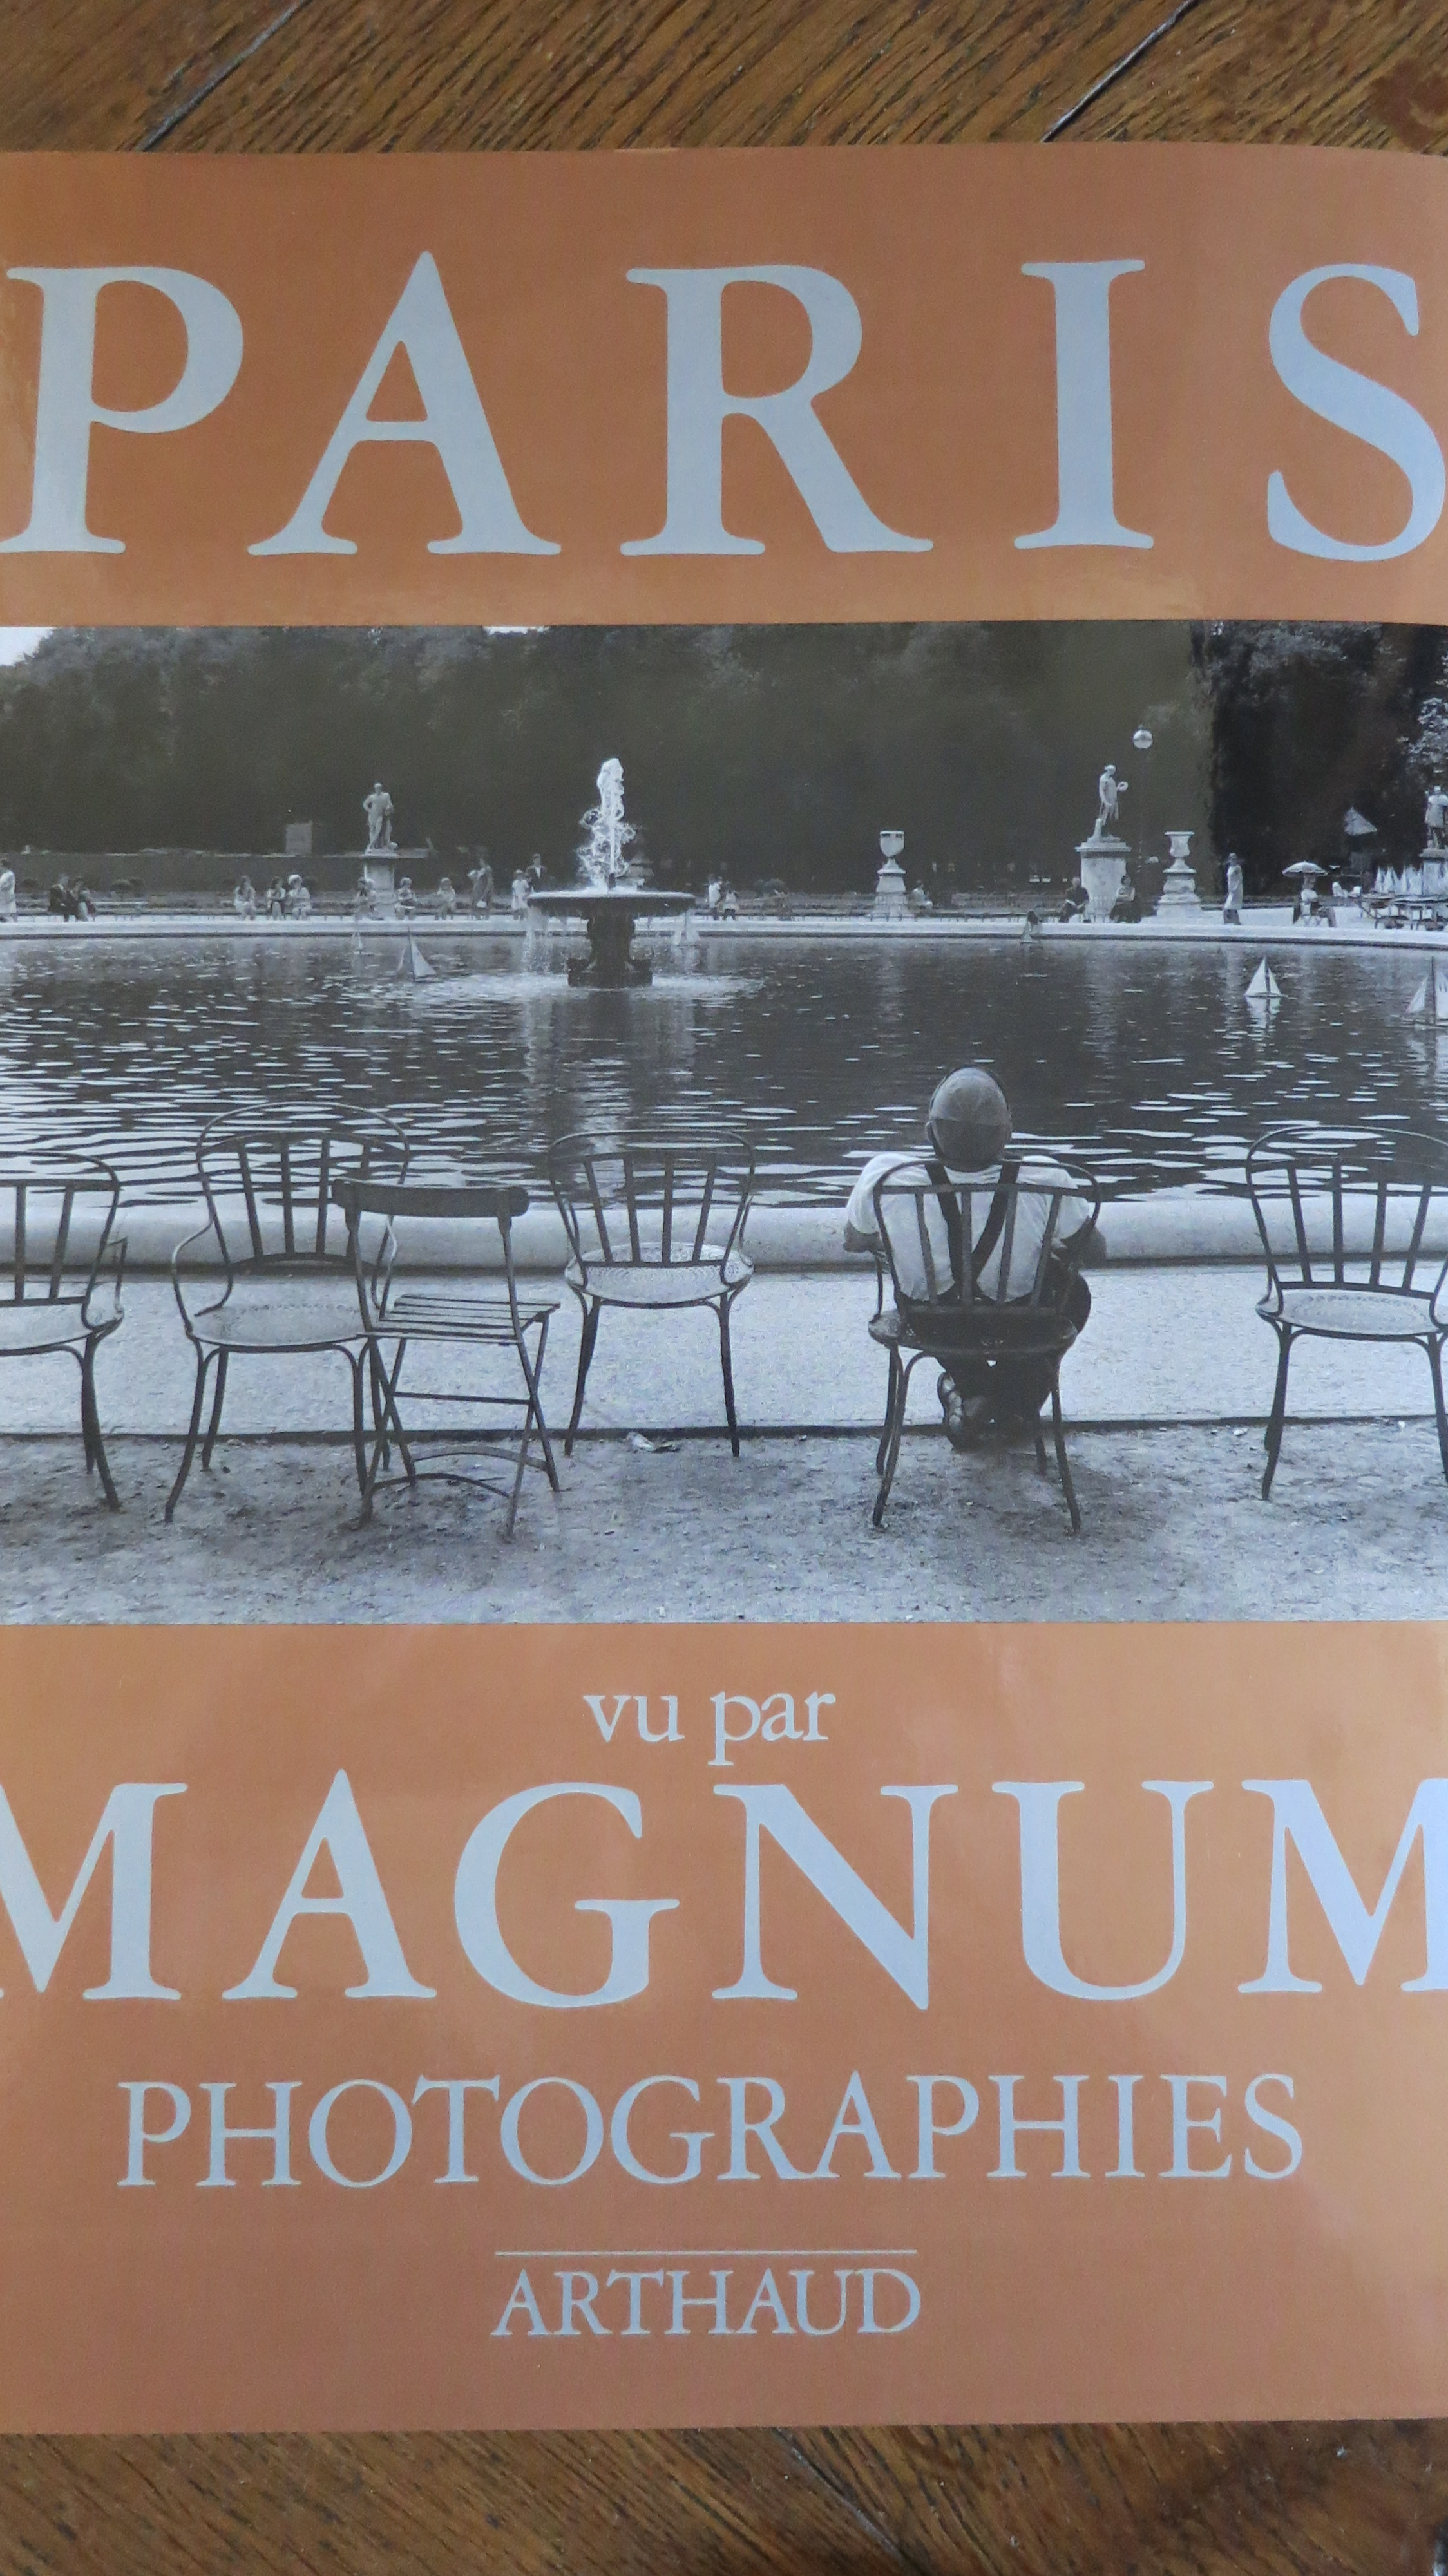 Paris vu par Magnum photographies